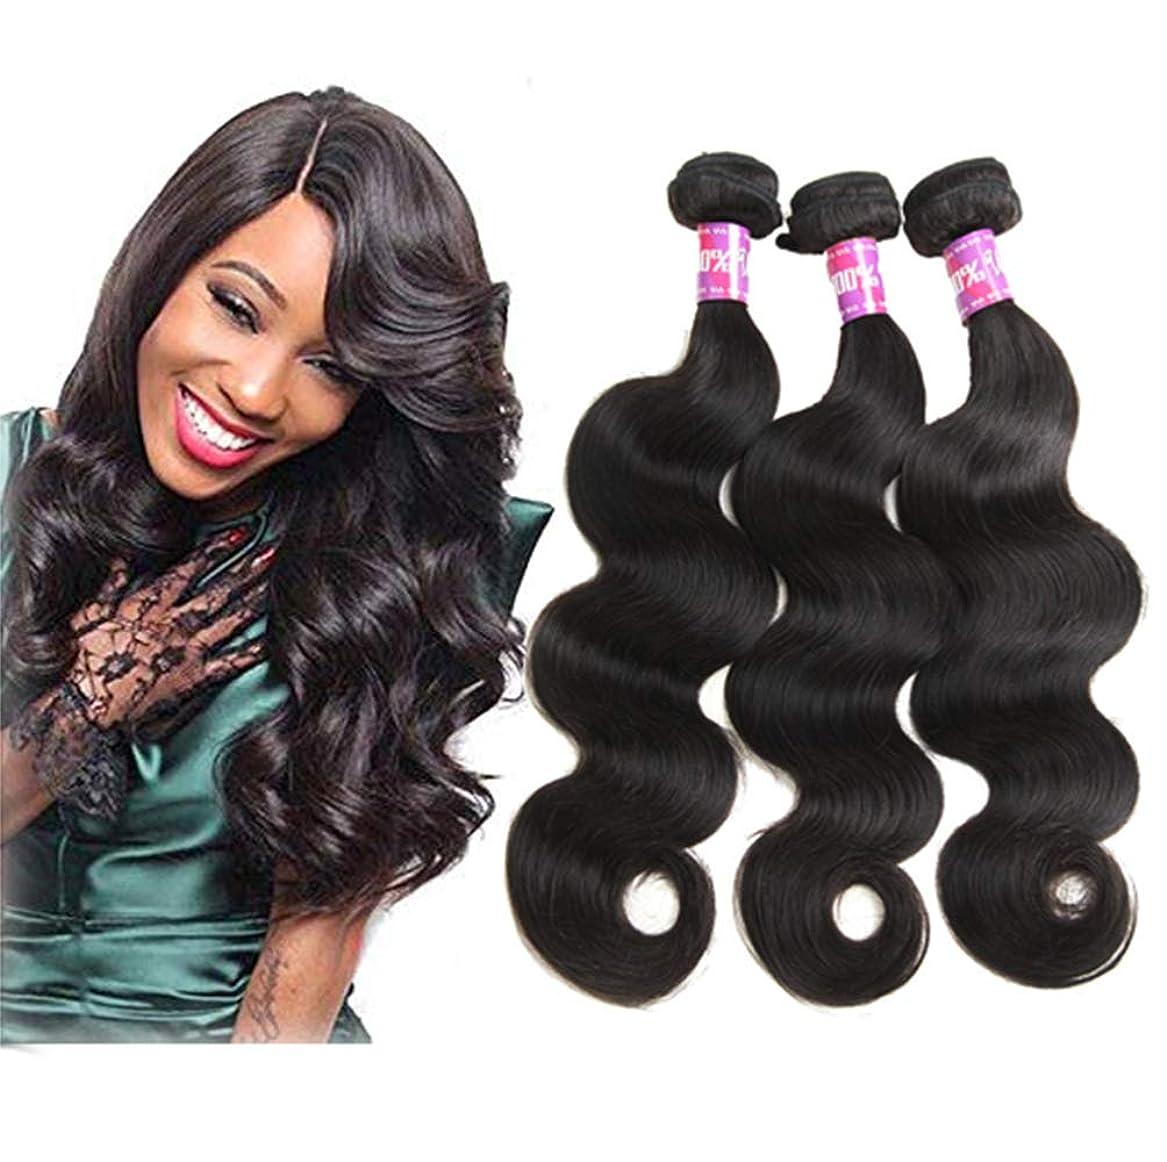 どこかフィット統計毛織り10Aブラジル実体波人間の髪の毛1束で100%未処理のバージン人間の髪の毛束で自由部分閉鎖